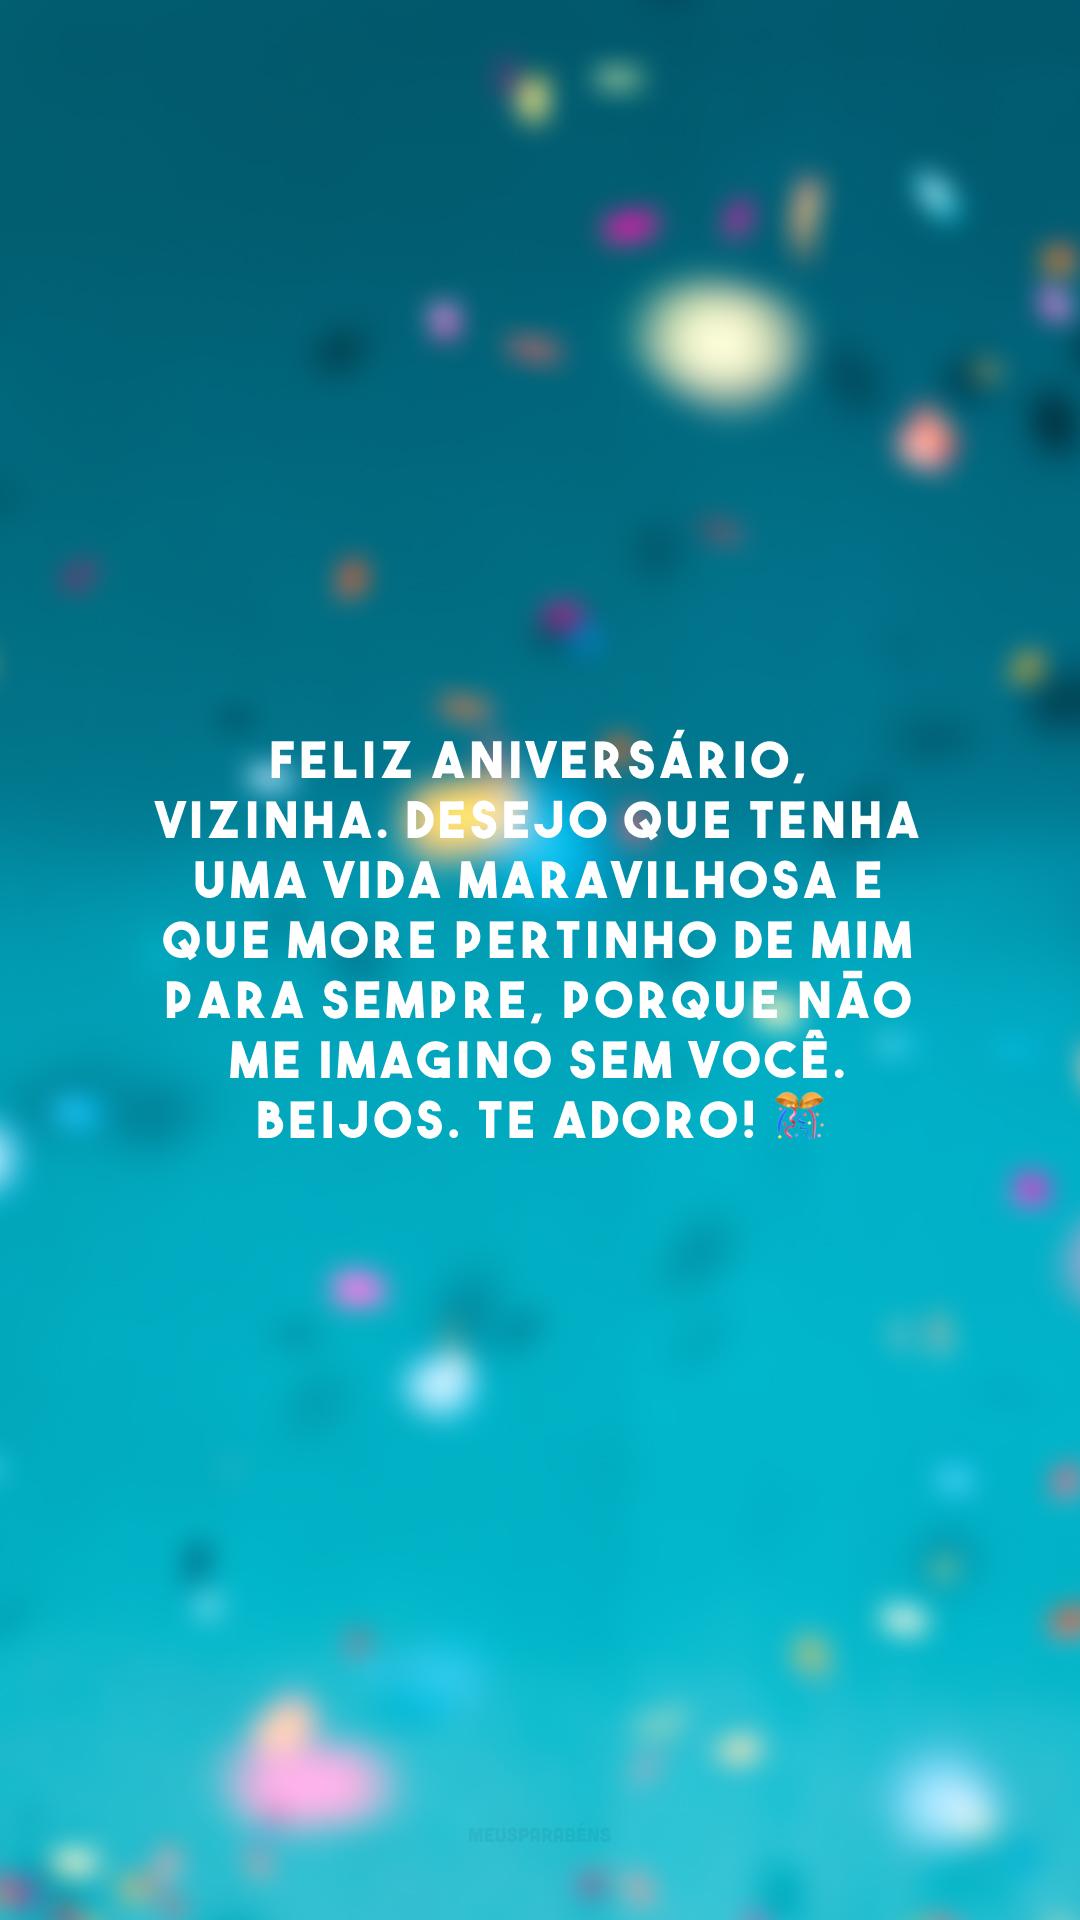 Feliz aniversário, vizinha. Desejo que tenha uma vida maravilhosa e que more pertinho de mim para sempre, porque não me imagino sem você. Beijos. Te adoro! 🎊